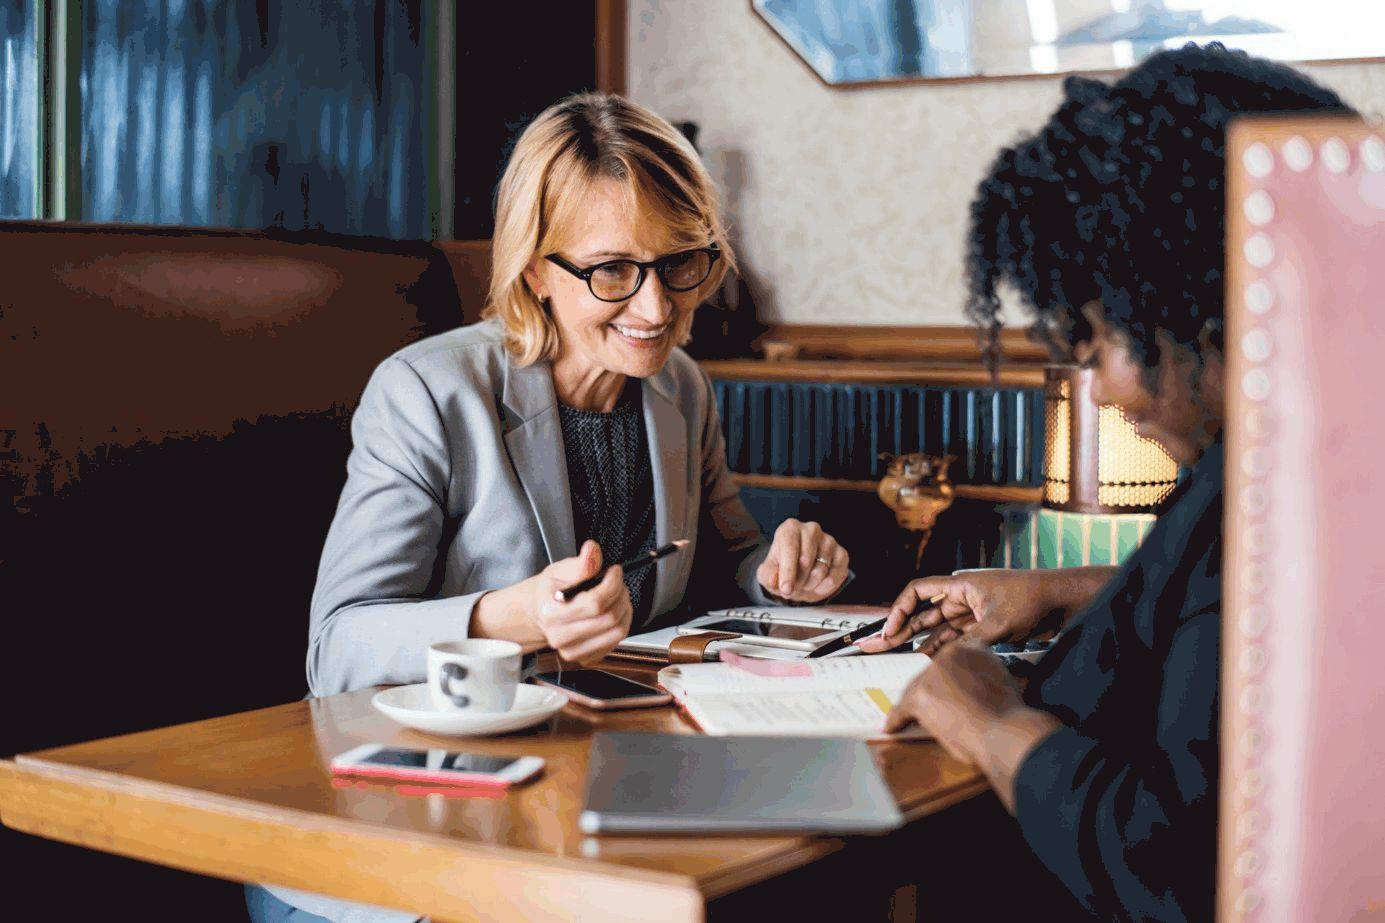 Zwei Frauen an einem Tisch mit Dokumenten